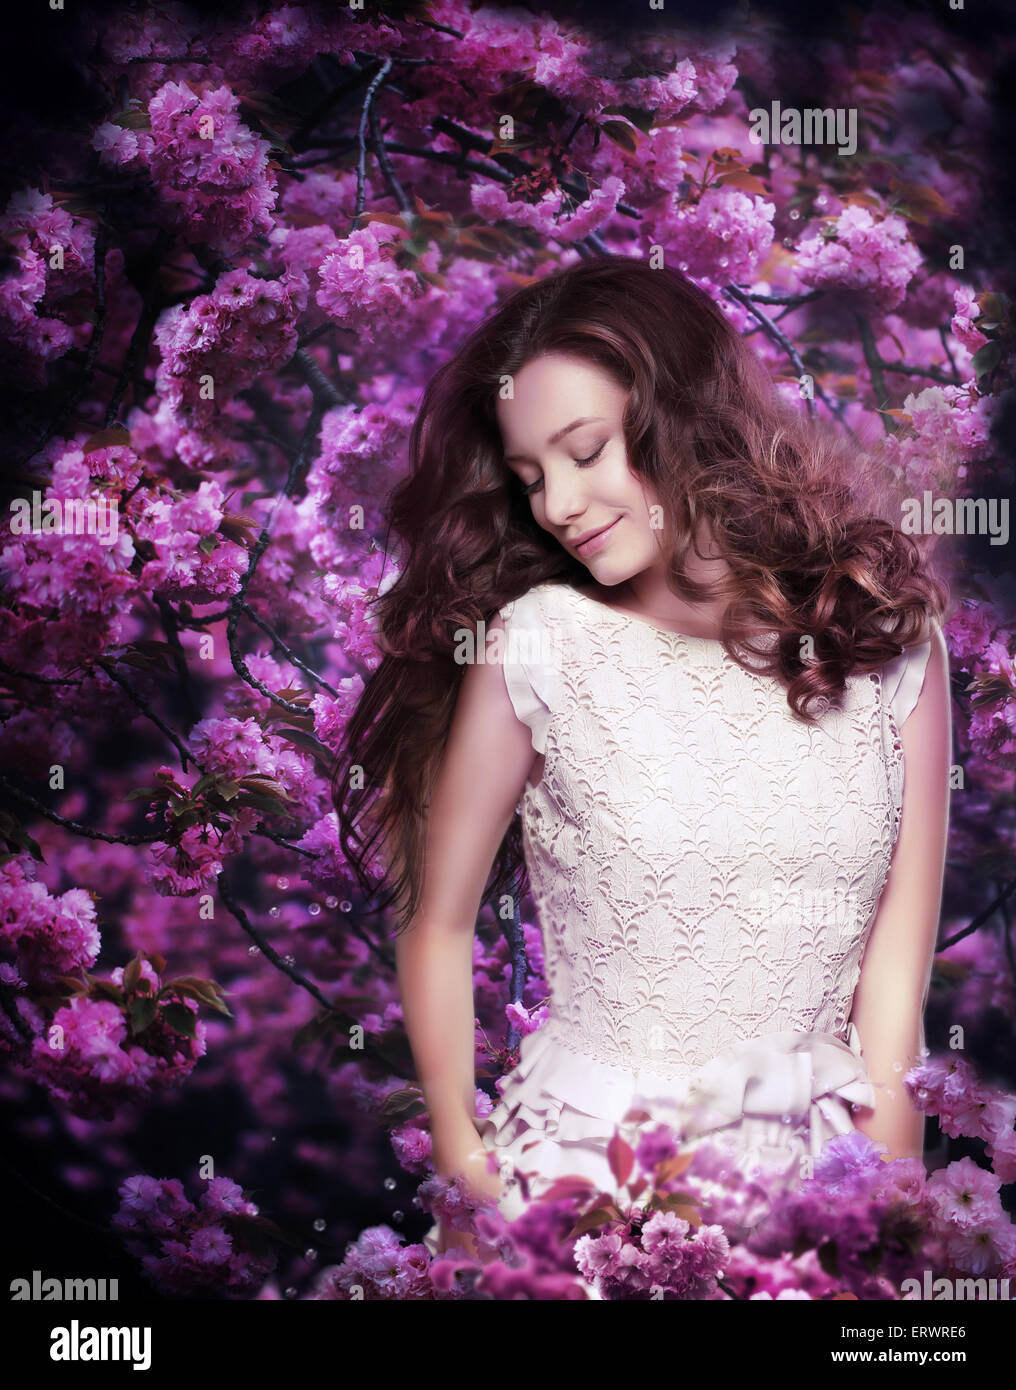 Pura bellezza. Sognante giovane donna tra alberi in fiore Immagini Stock